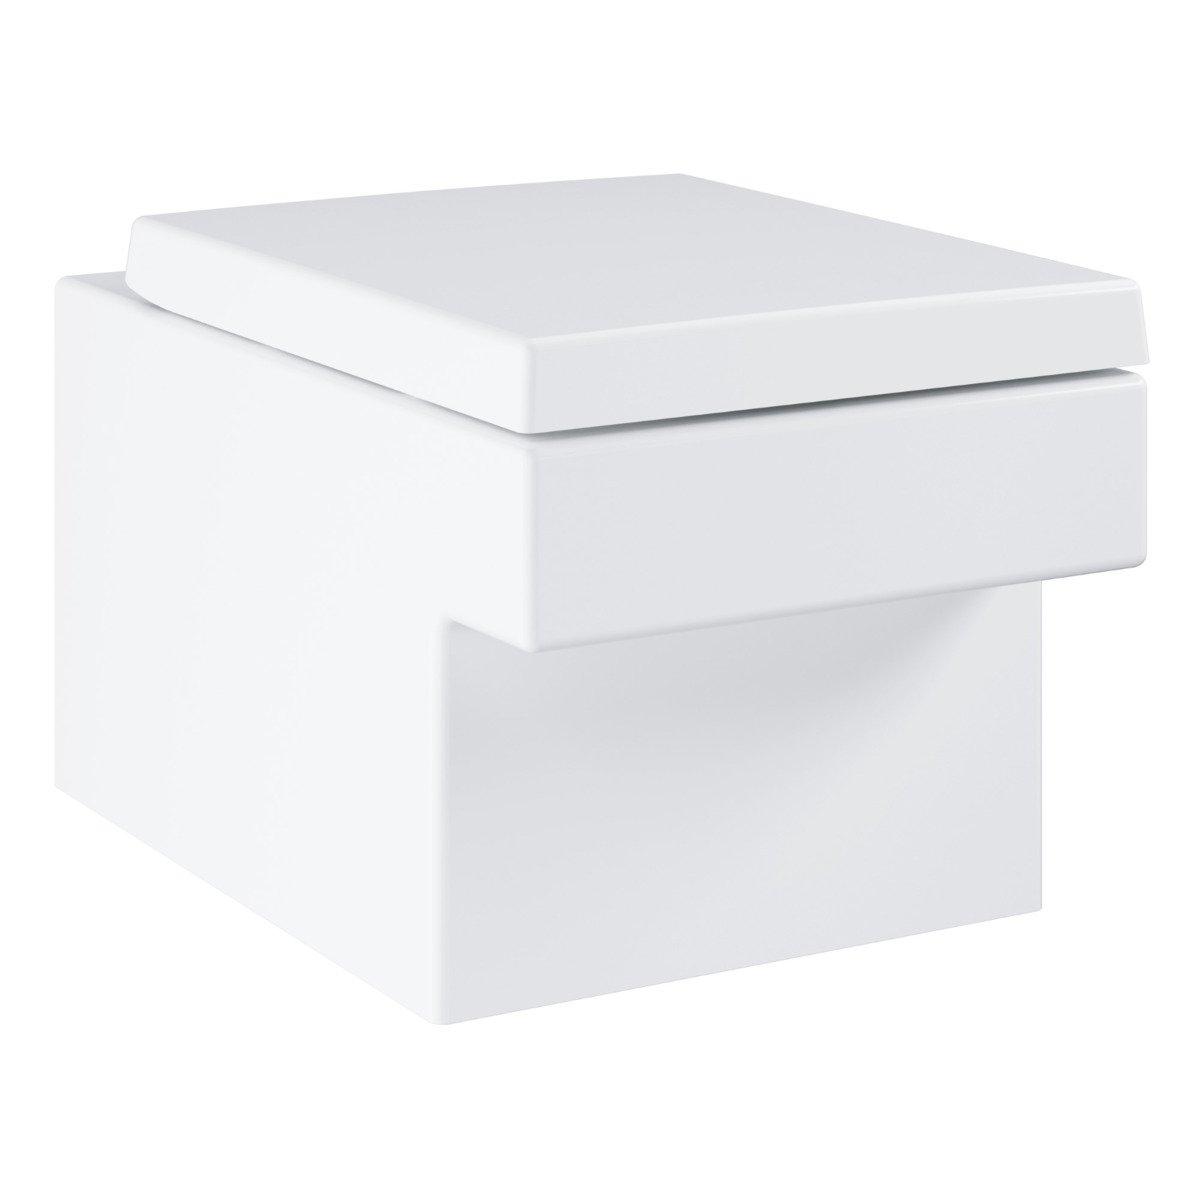 Grohe Cube Céramique Wc Suspendu Sans Bride Pureguard à Toilette Suspendu Grohe